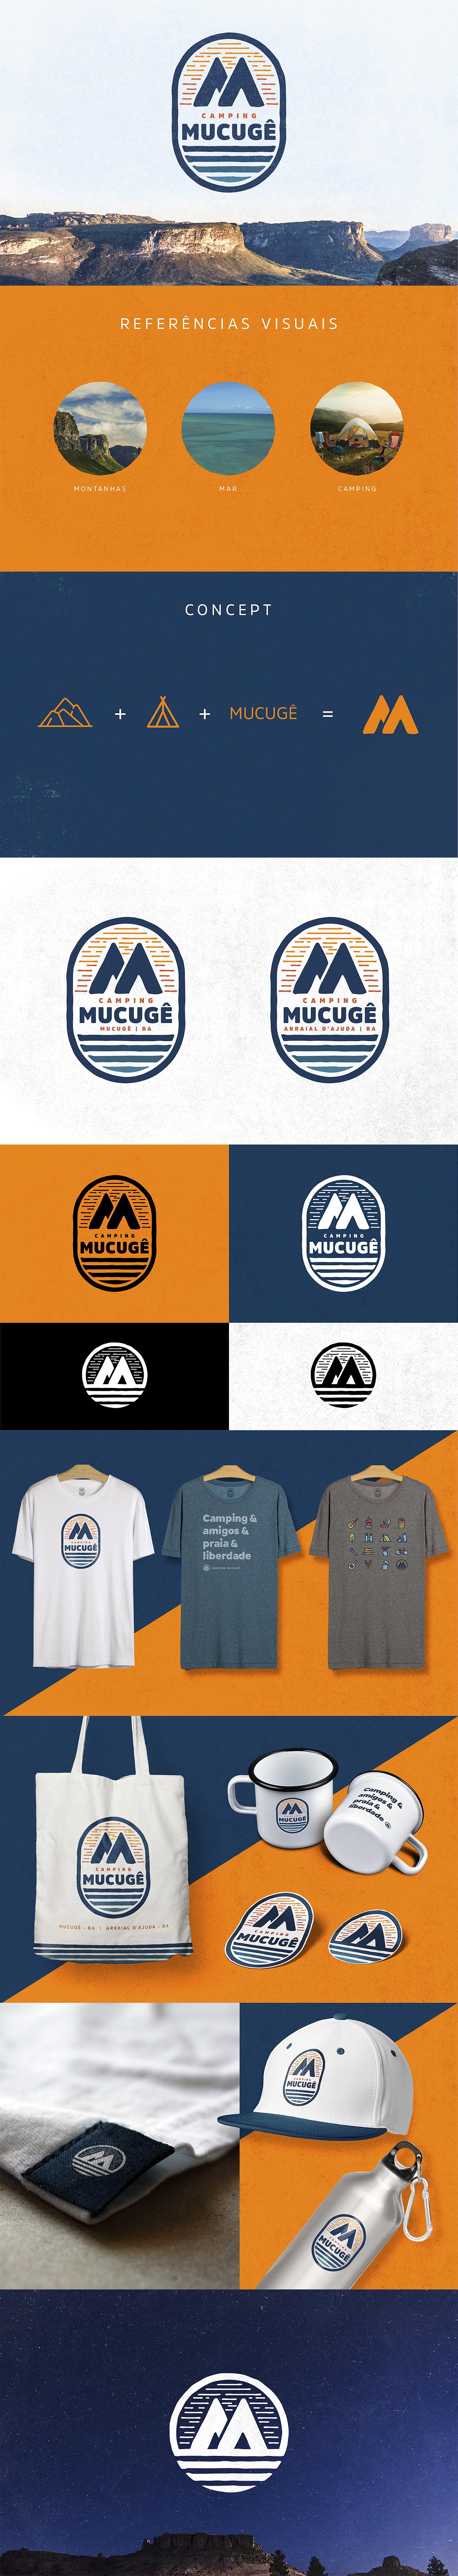 branding  camping camping bahia identidade visual camping logo logo camping marca